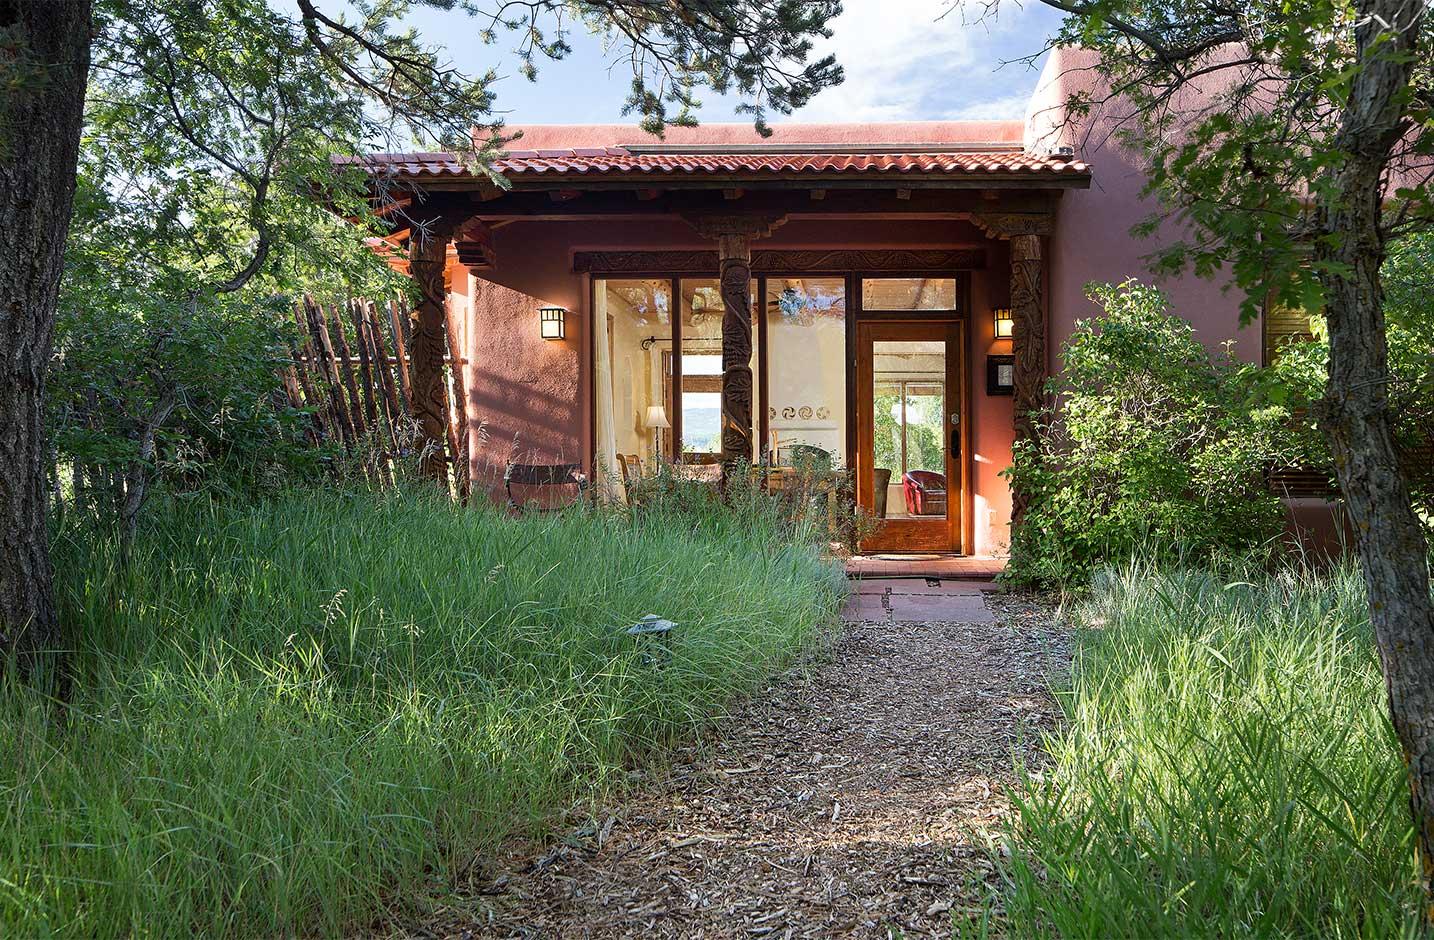 Cedar Casita exterior and entryway with a mulch path